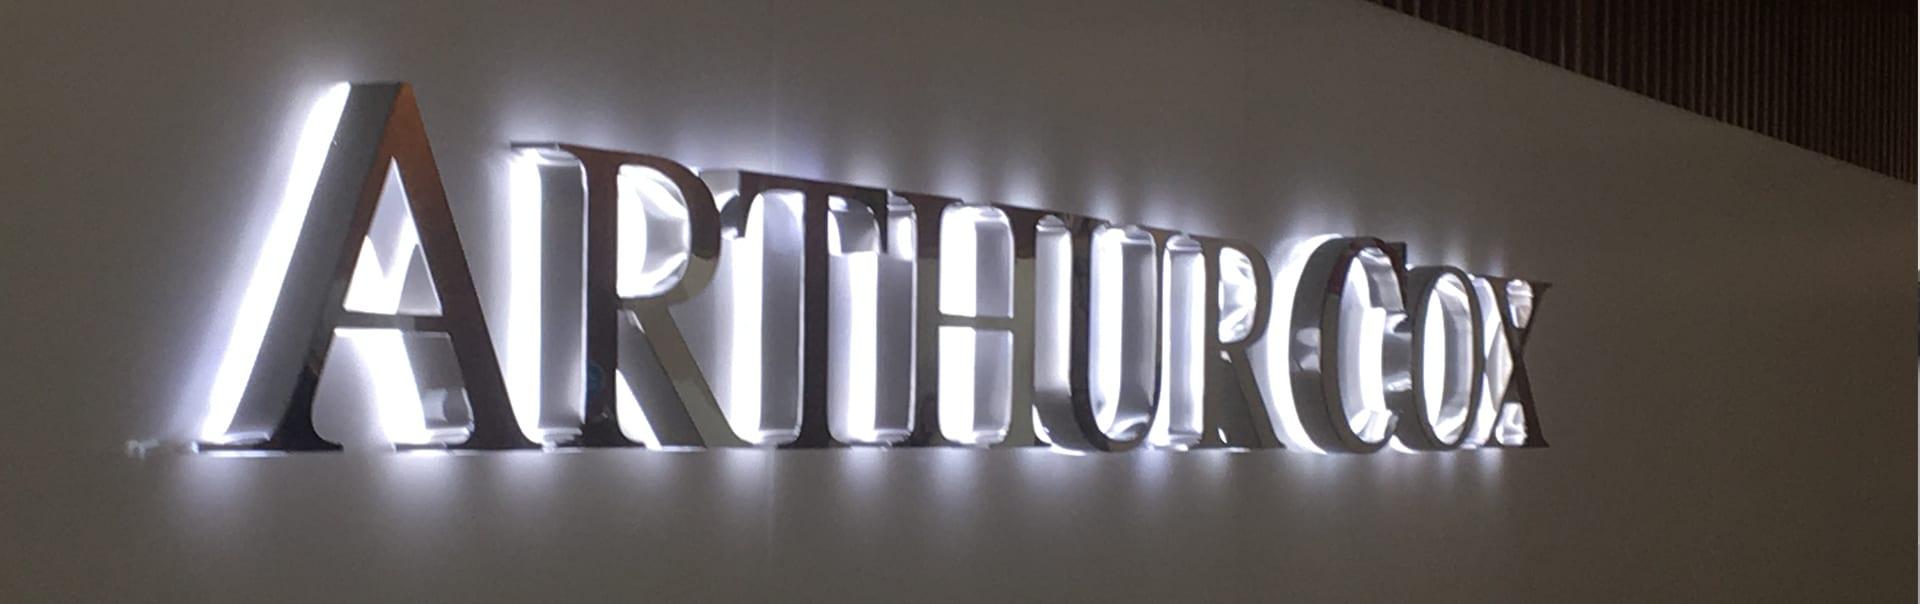 Arthur Cox | Halo Lit Letters